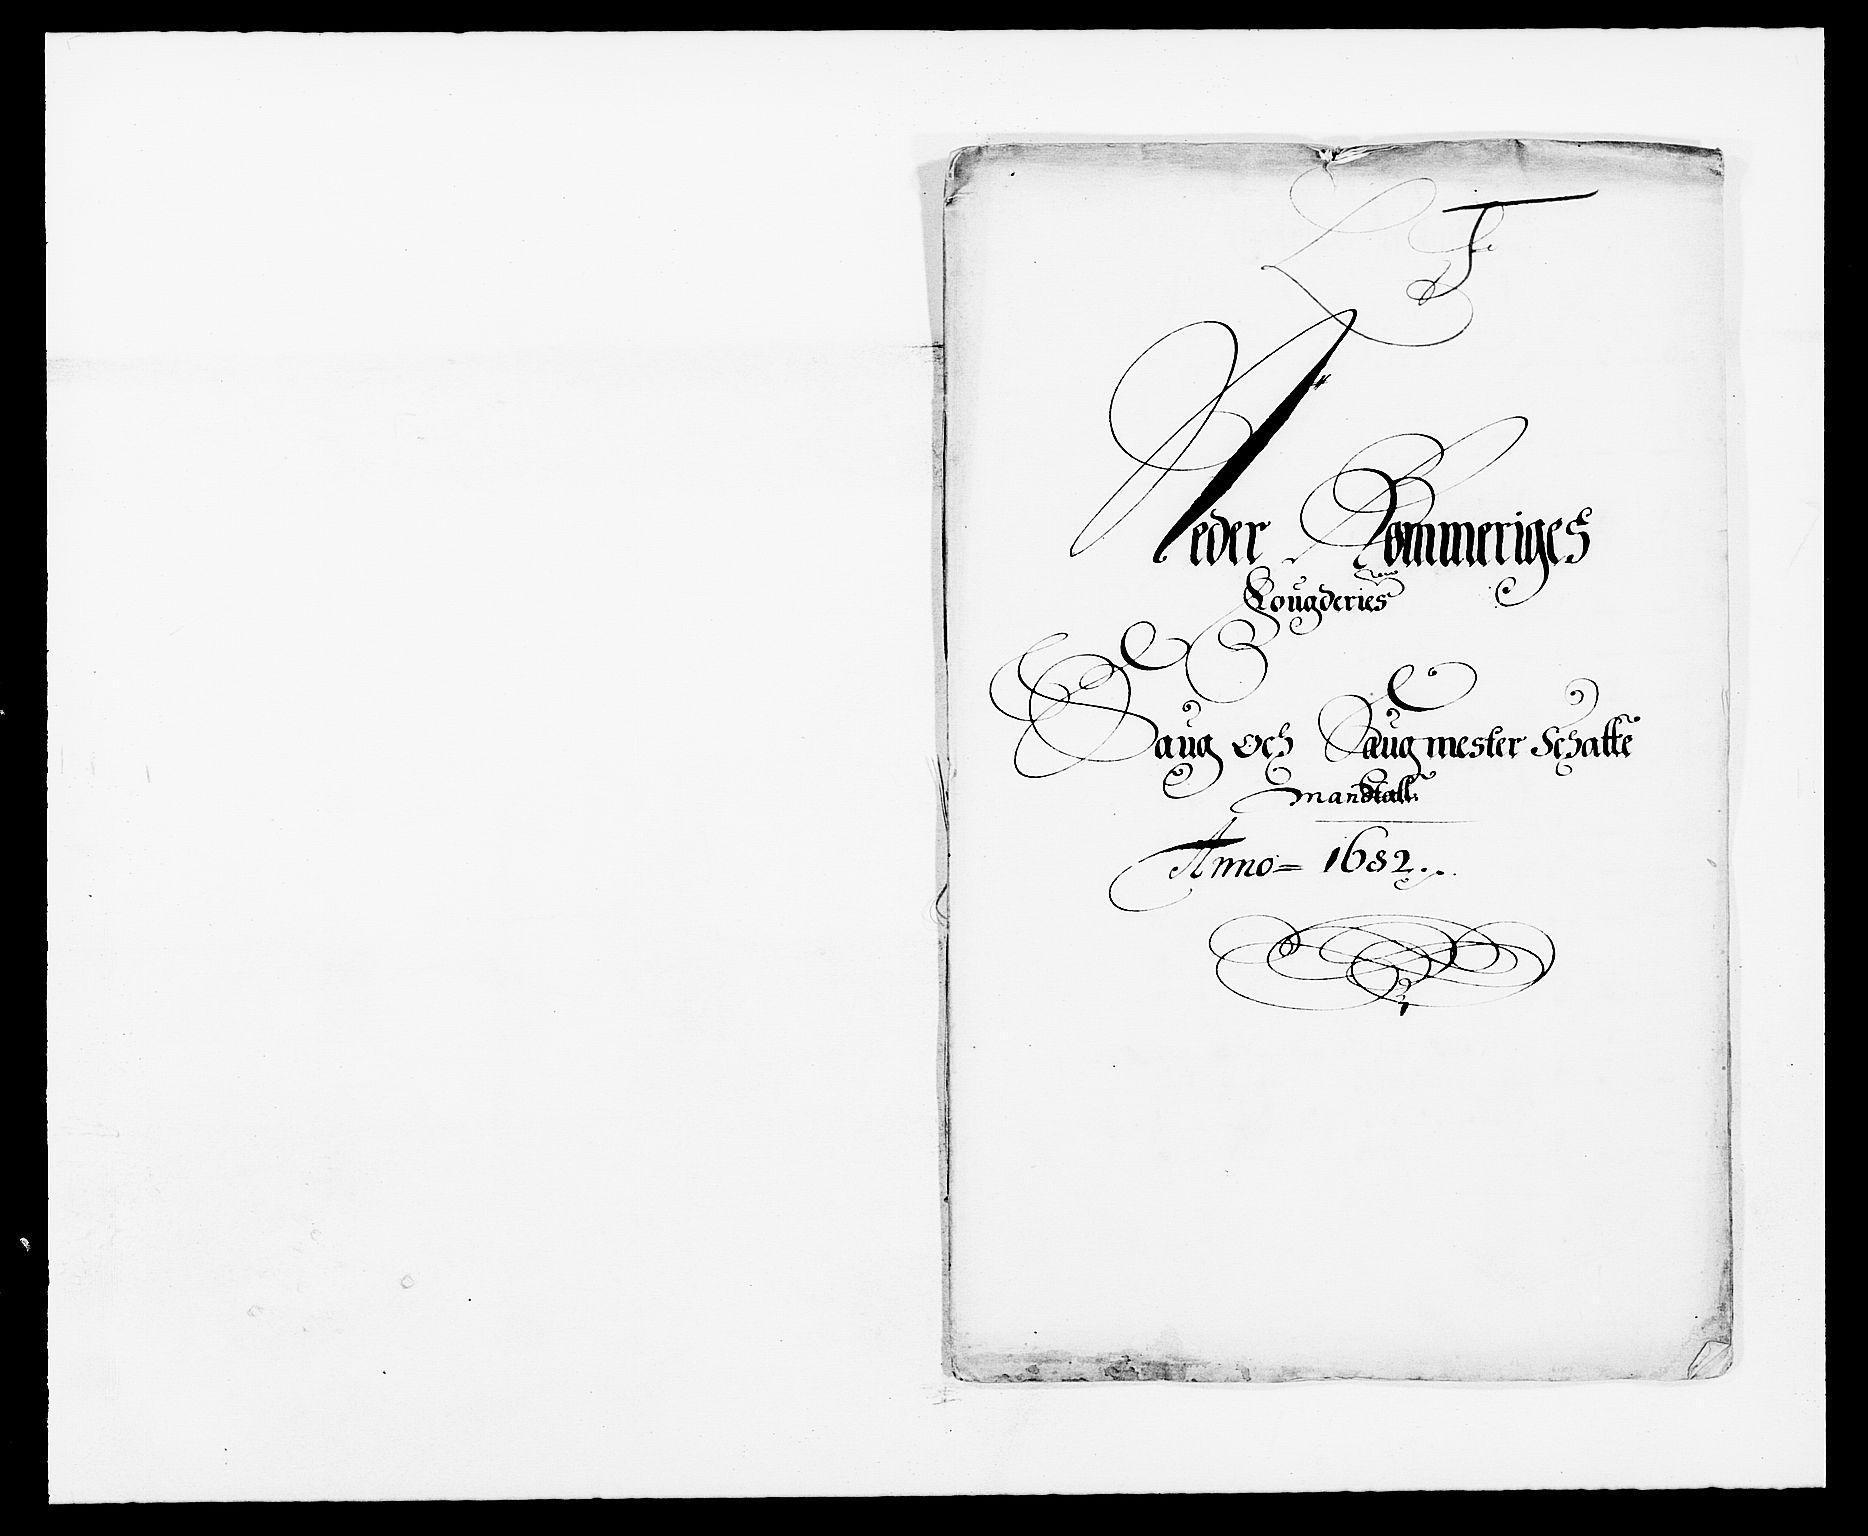 RA, Rentekammeret inntil 1814, Reviderte regnskaper, Fogderegnskap, R11/L0570: Fogderegnskap Nedre Romerike, 1682, s. 179